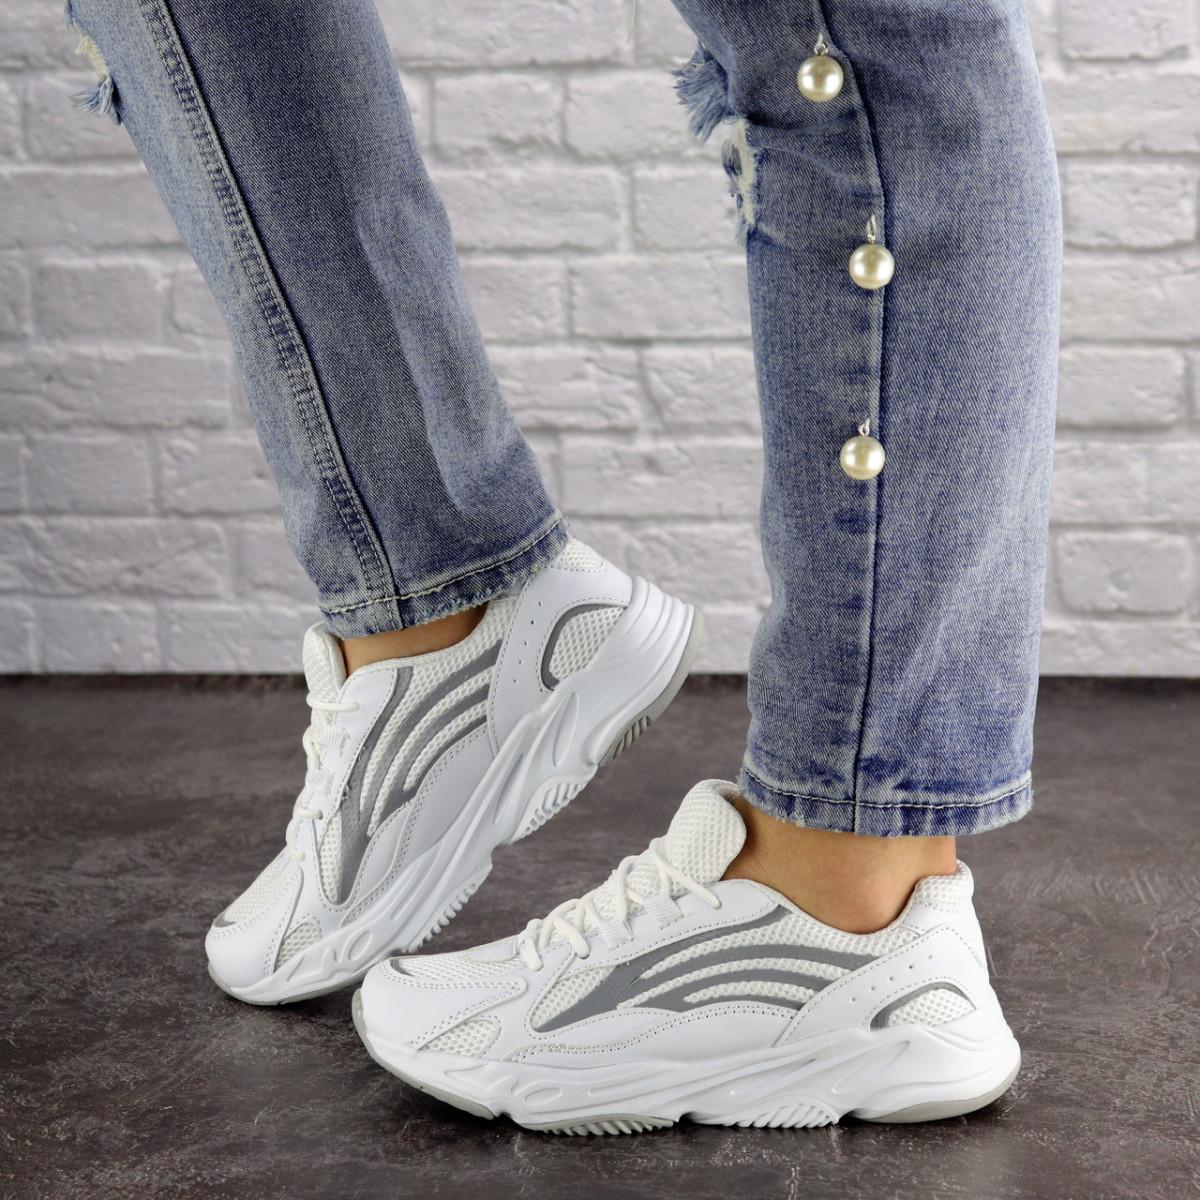 Женские белые кроссовки Crunch 1613 (36 размер)